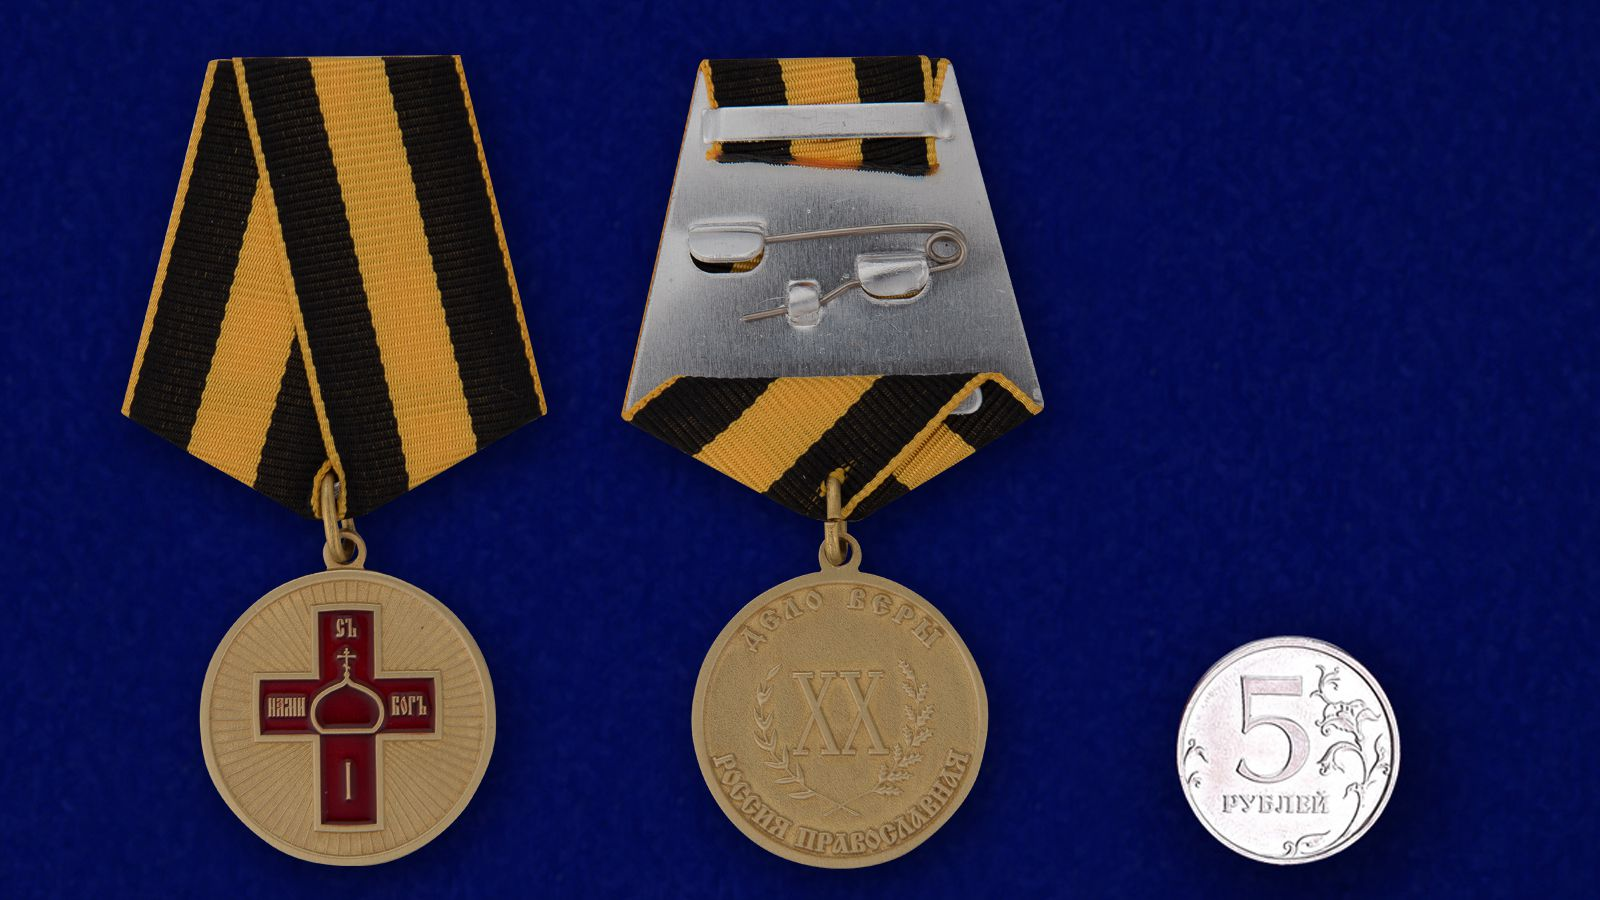 Медаль Дело Веры 1 степени - сравнительный размео